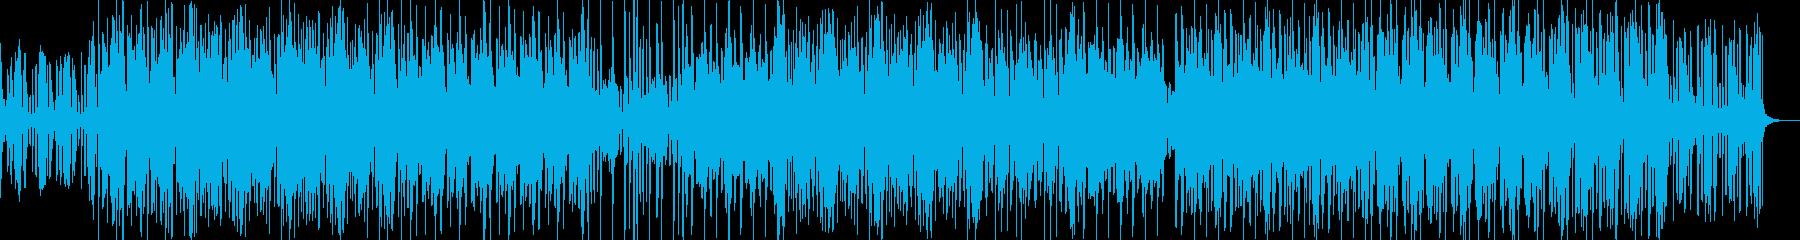 ファンク/ギター/ロック/エレクトリックの再生済みの波形